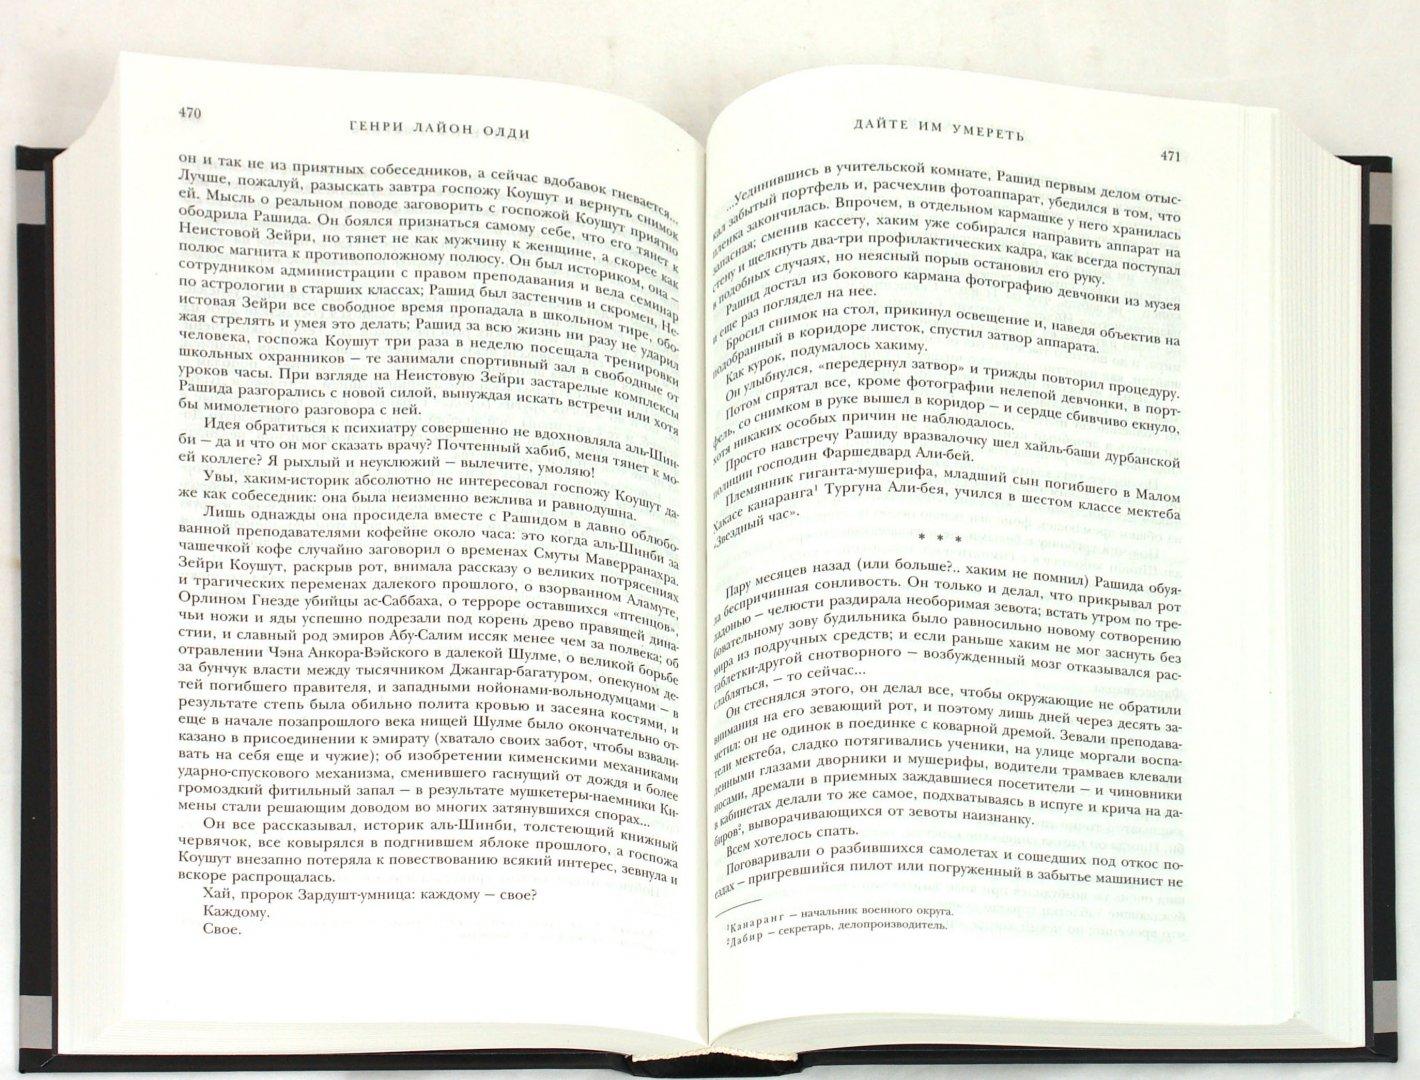 Иллюстрация 1 из 8 для Кабирский цикл - Генри Олди   Лабиринт - книги. Источник: Лабиринт